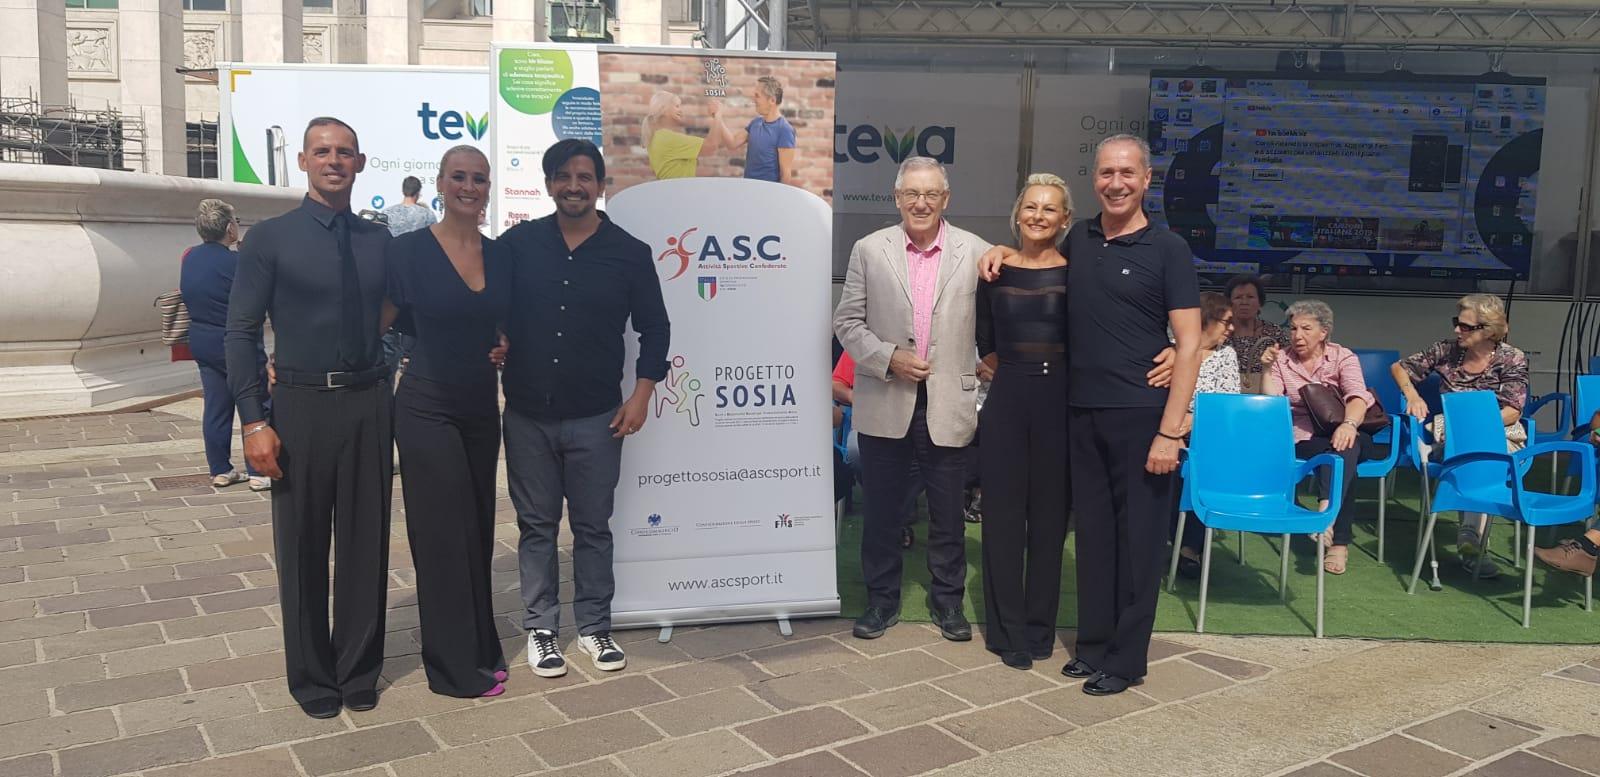 Progetto SOSIA a Bergamo con il Tour della Salute